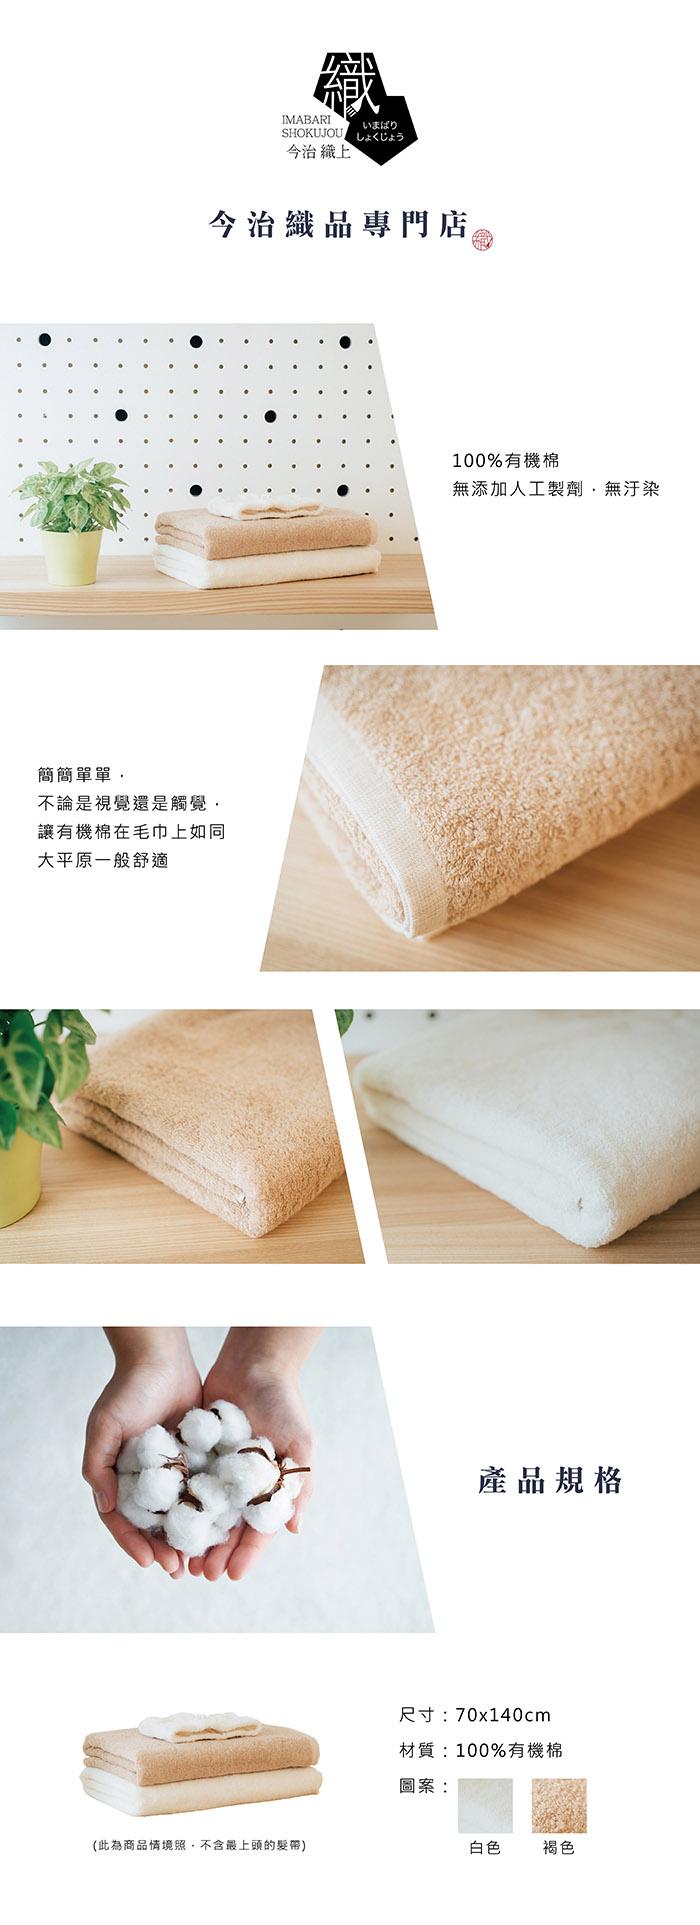 今治織上|日本今治毛巾 今治認證 壺內 Organic 大自然平原 (浴巾)